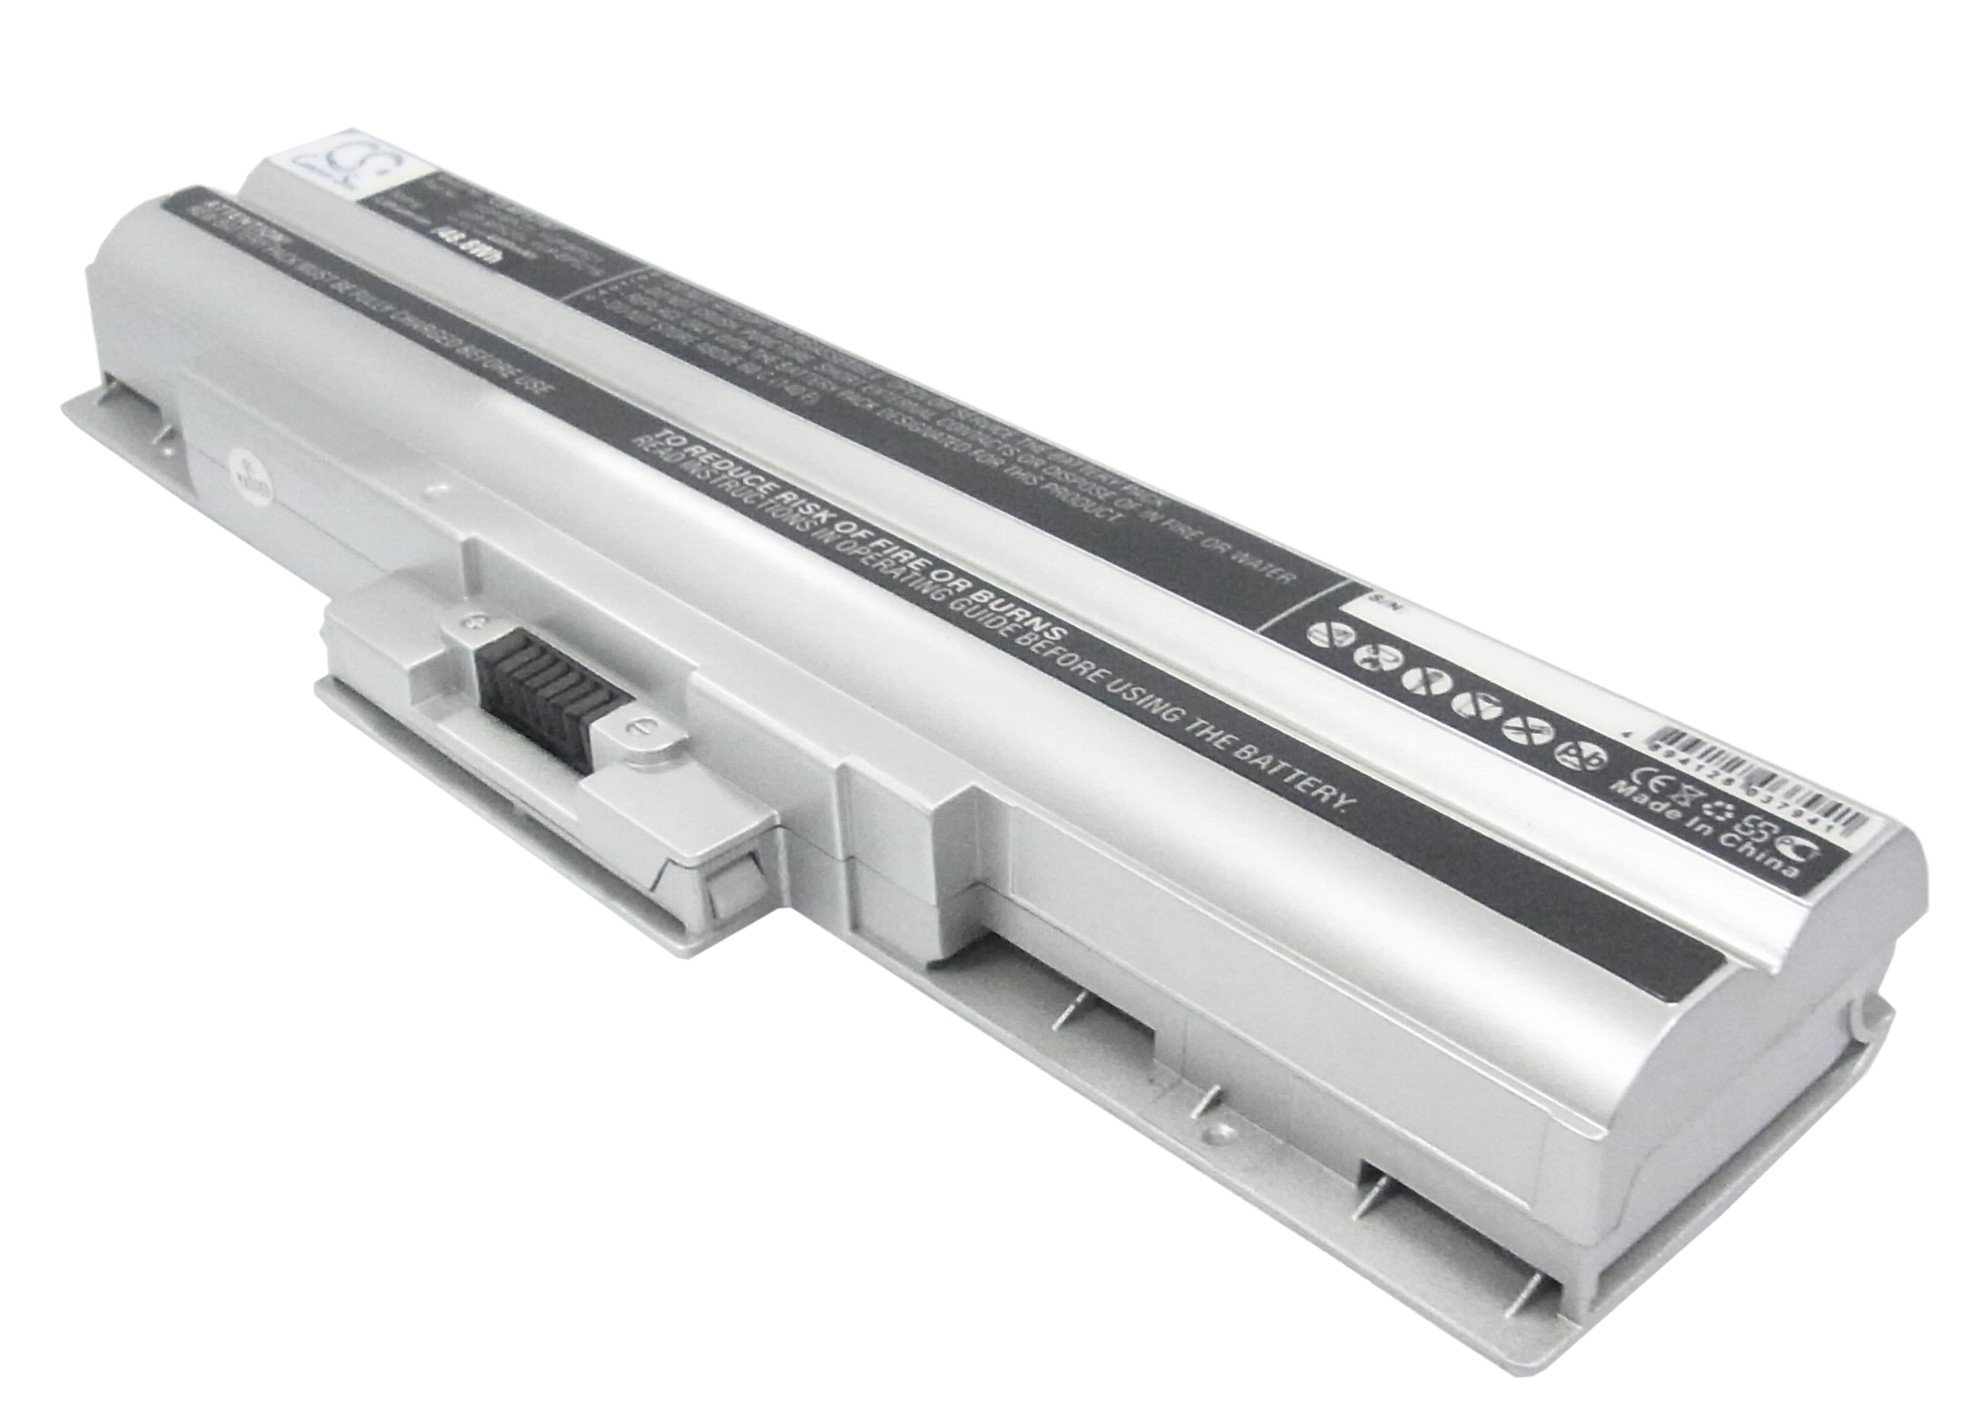 Cameron Sino baterie do notebooků pro SONY VAIO VGN-FW31ZJ 11.1V Li-ion 4400mAh stříbrná - neoriginální